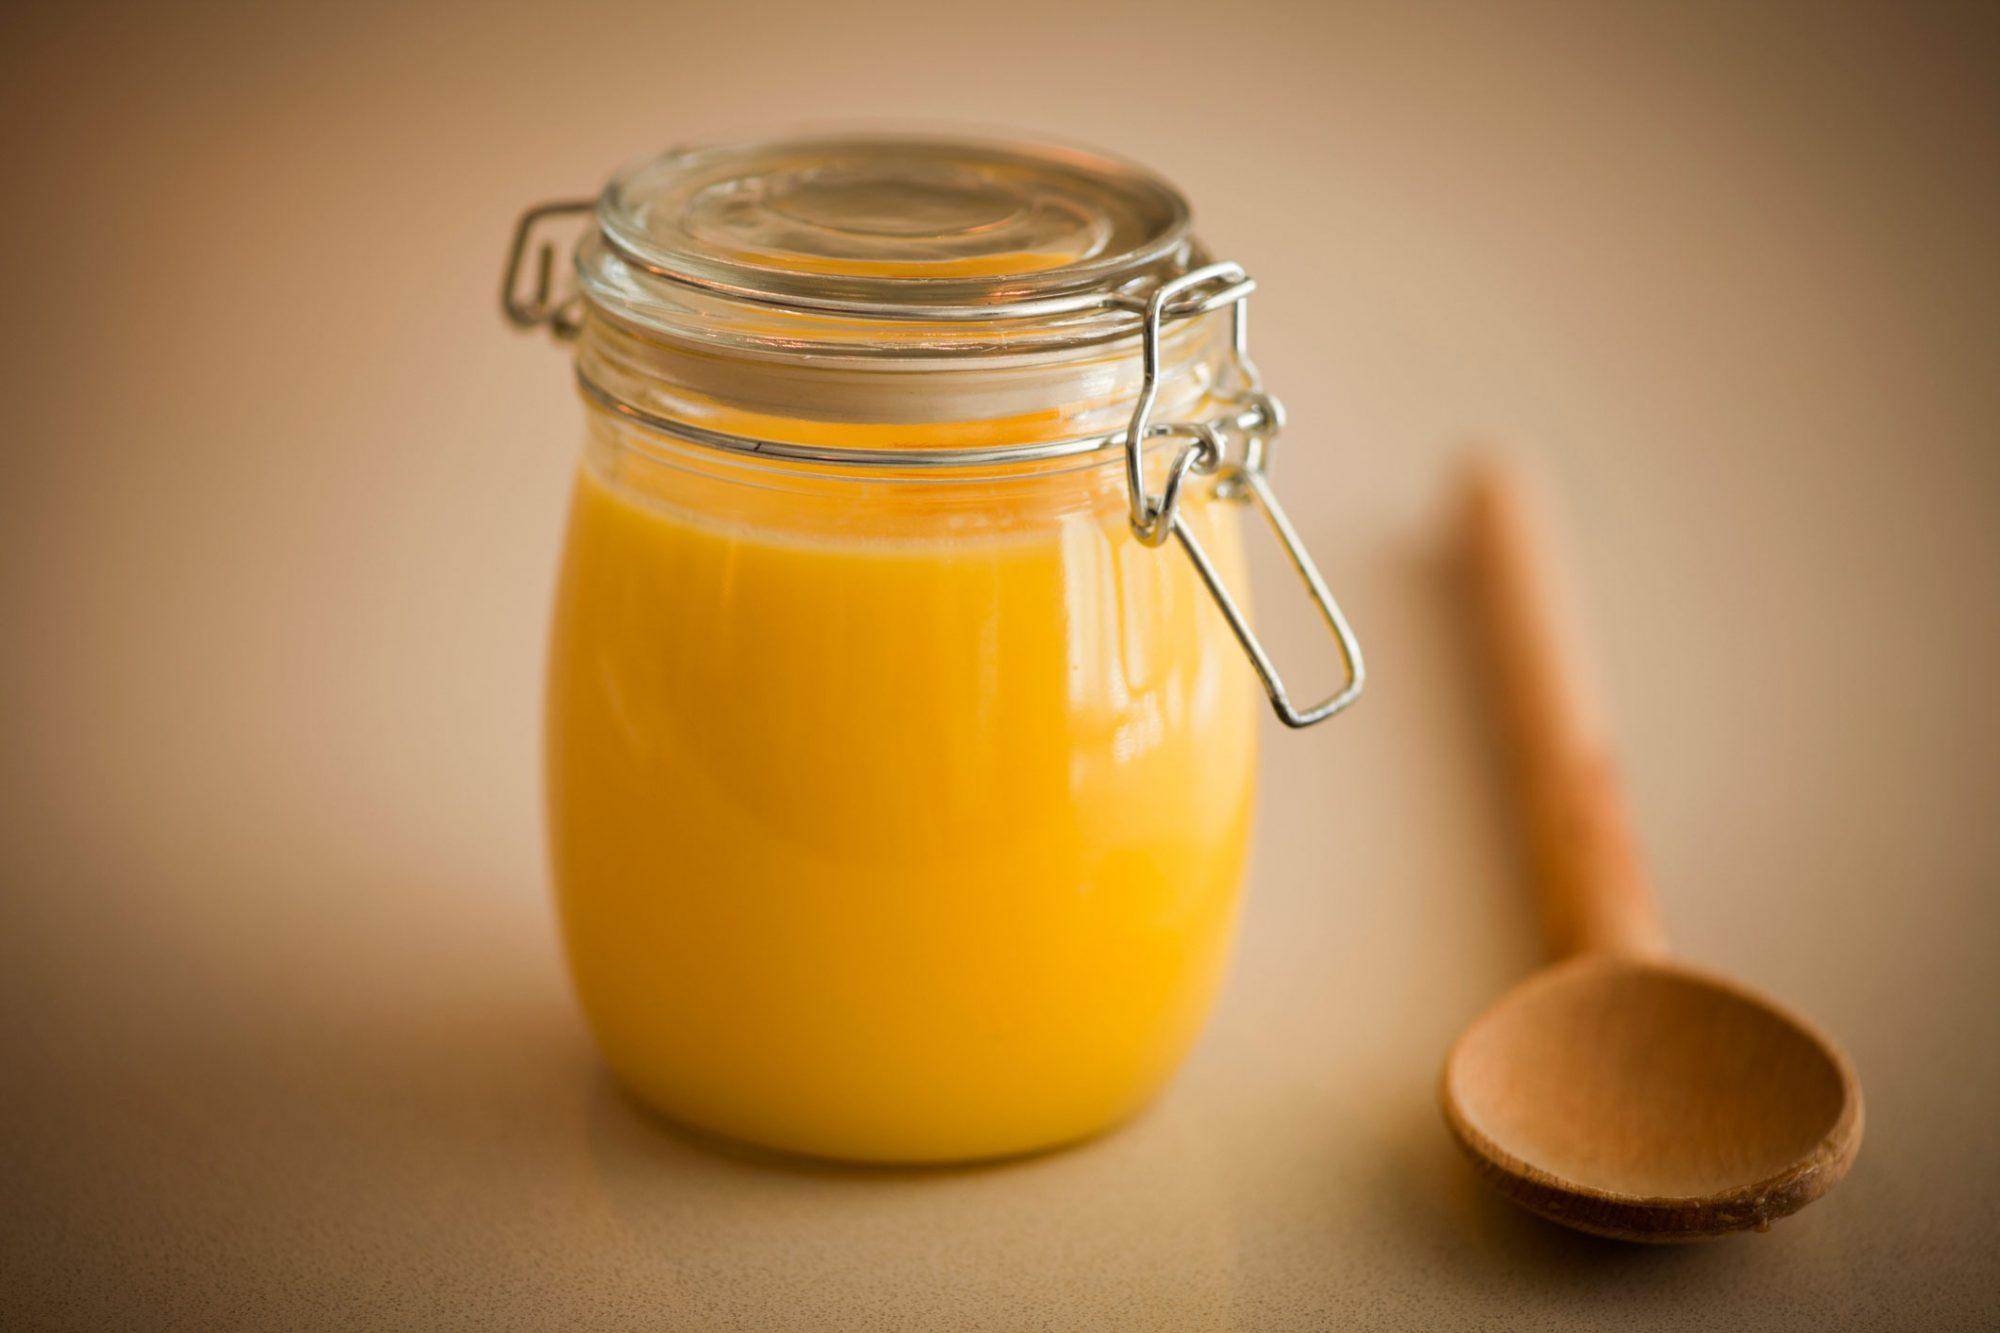 Jar of Ghee and Spoon image